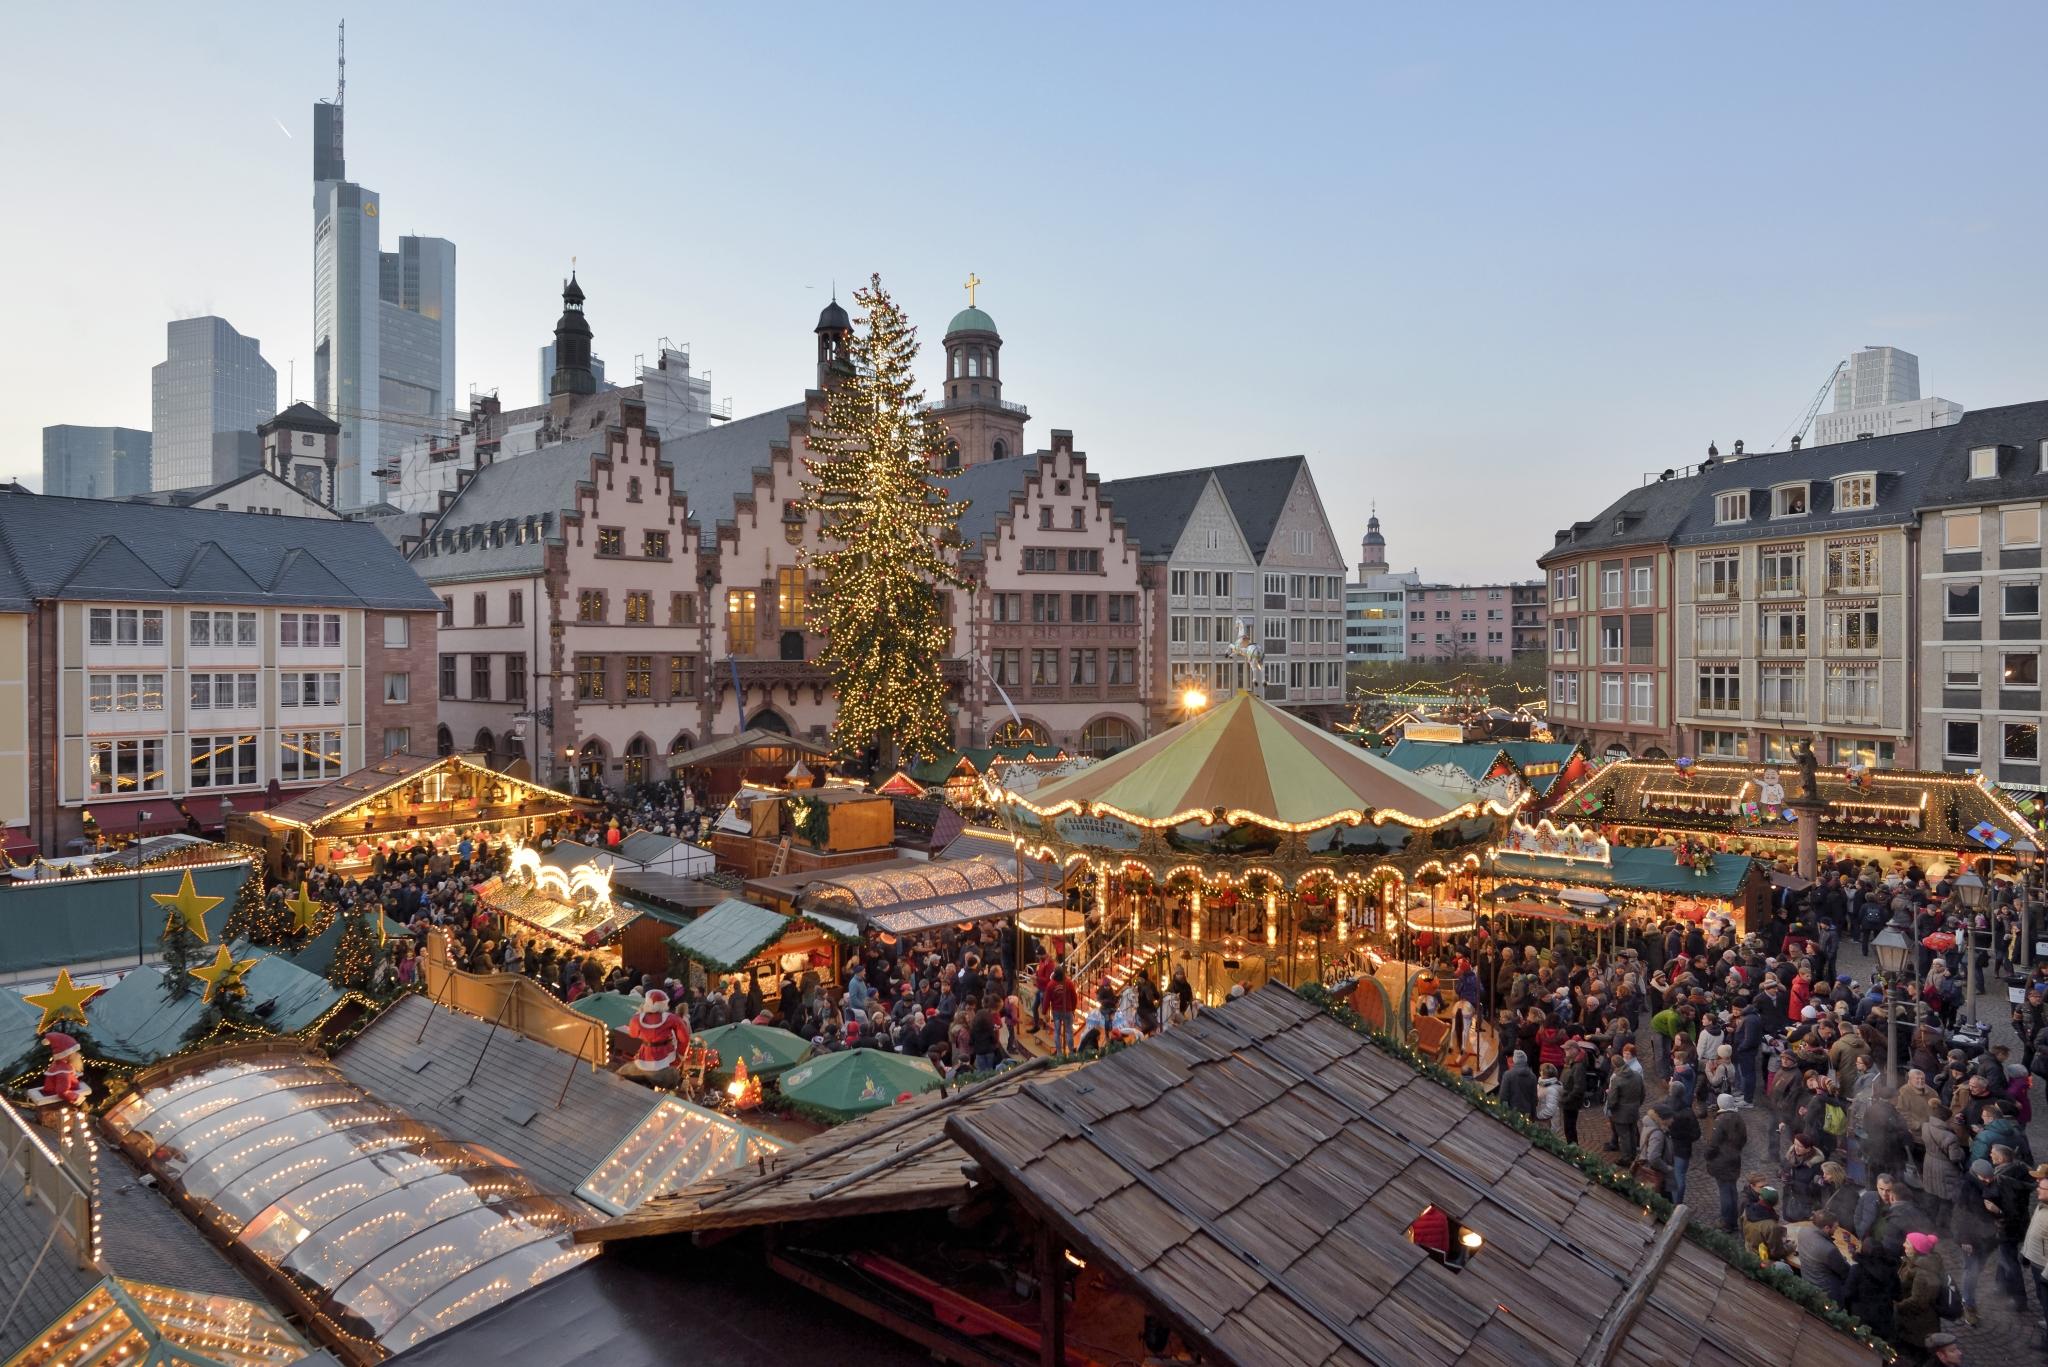 Weihnachtsmarkt Frankfurt Main.Journal Frankfurt Nachrichten Weihnachtsmarkt Am Römerberg